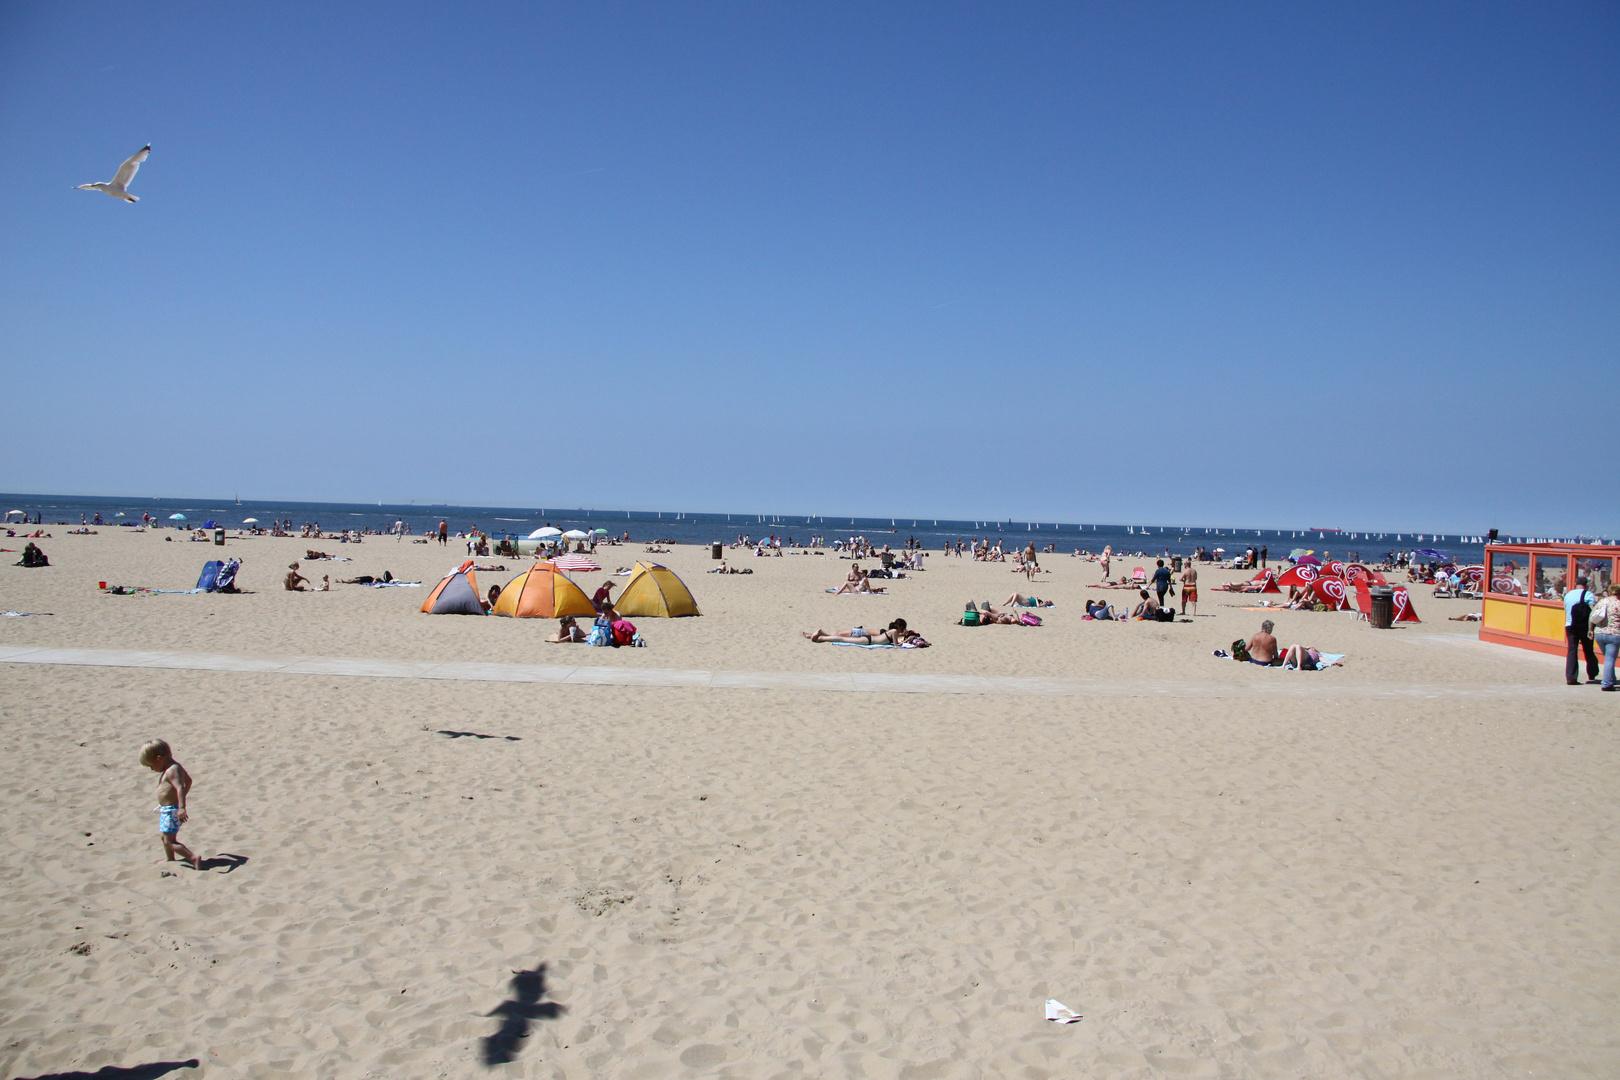 Un jour à la plage...